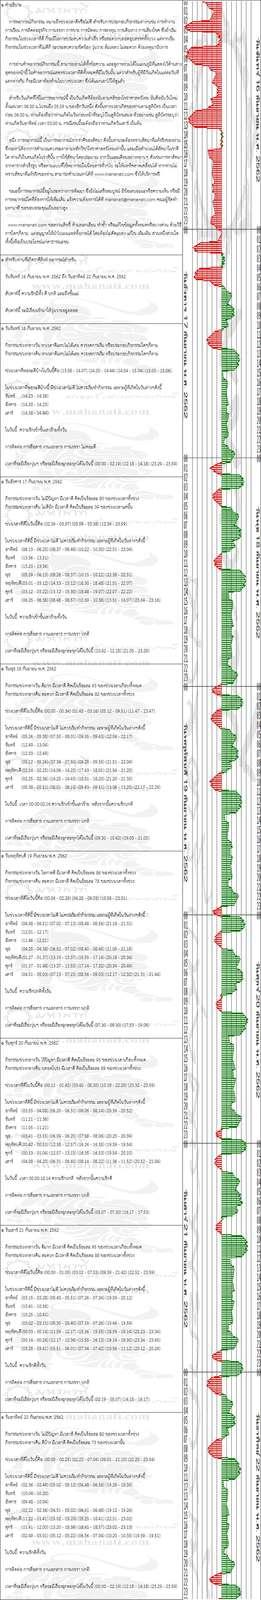 pxnnb6q3hzA85P8I5a2-o.jpg